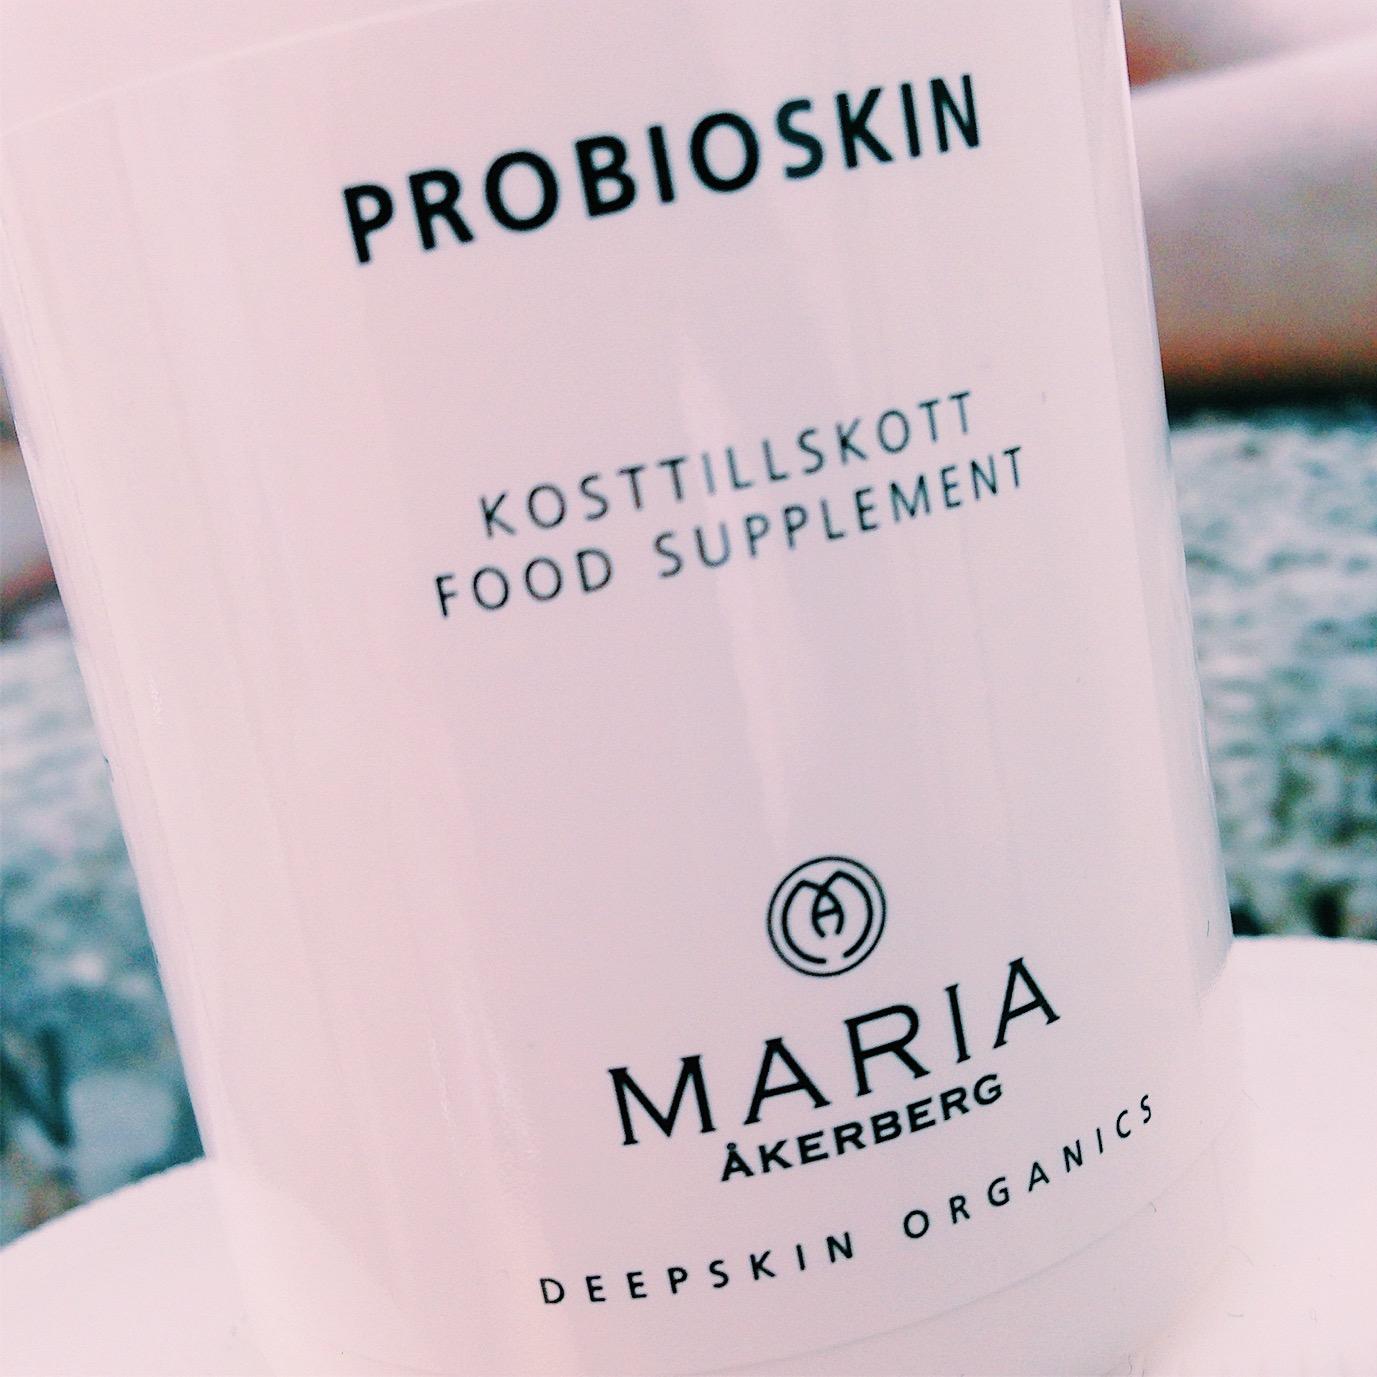 probioskin - maria åkerberg - kosttillskott